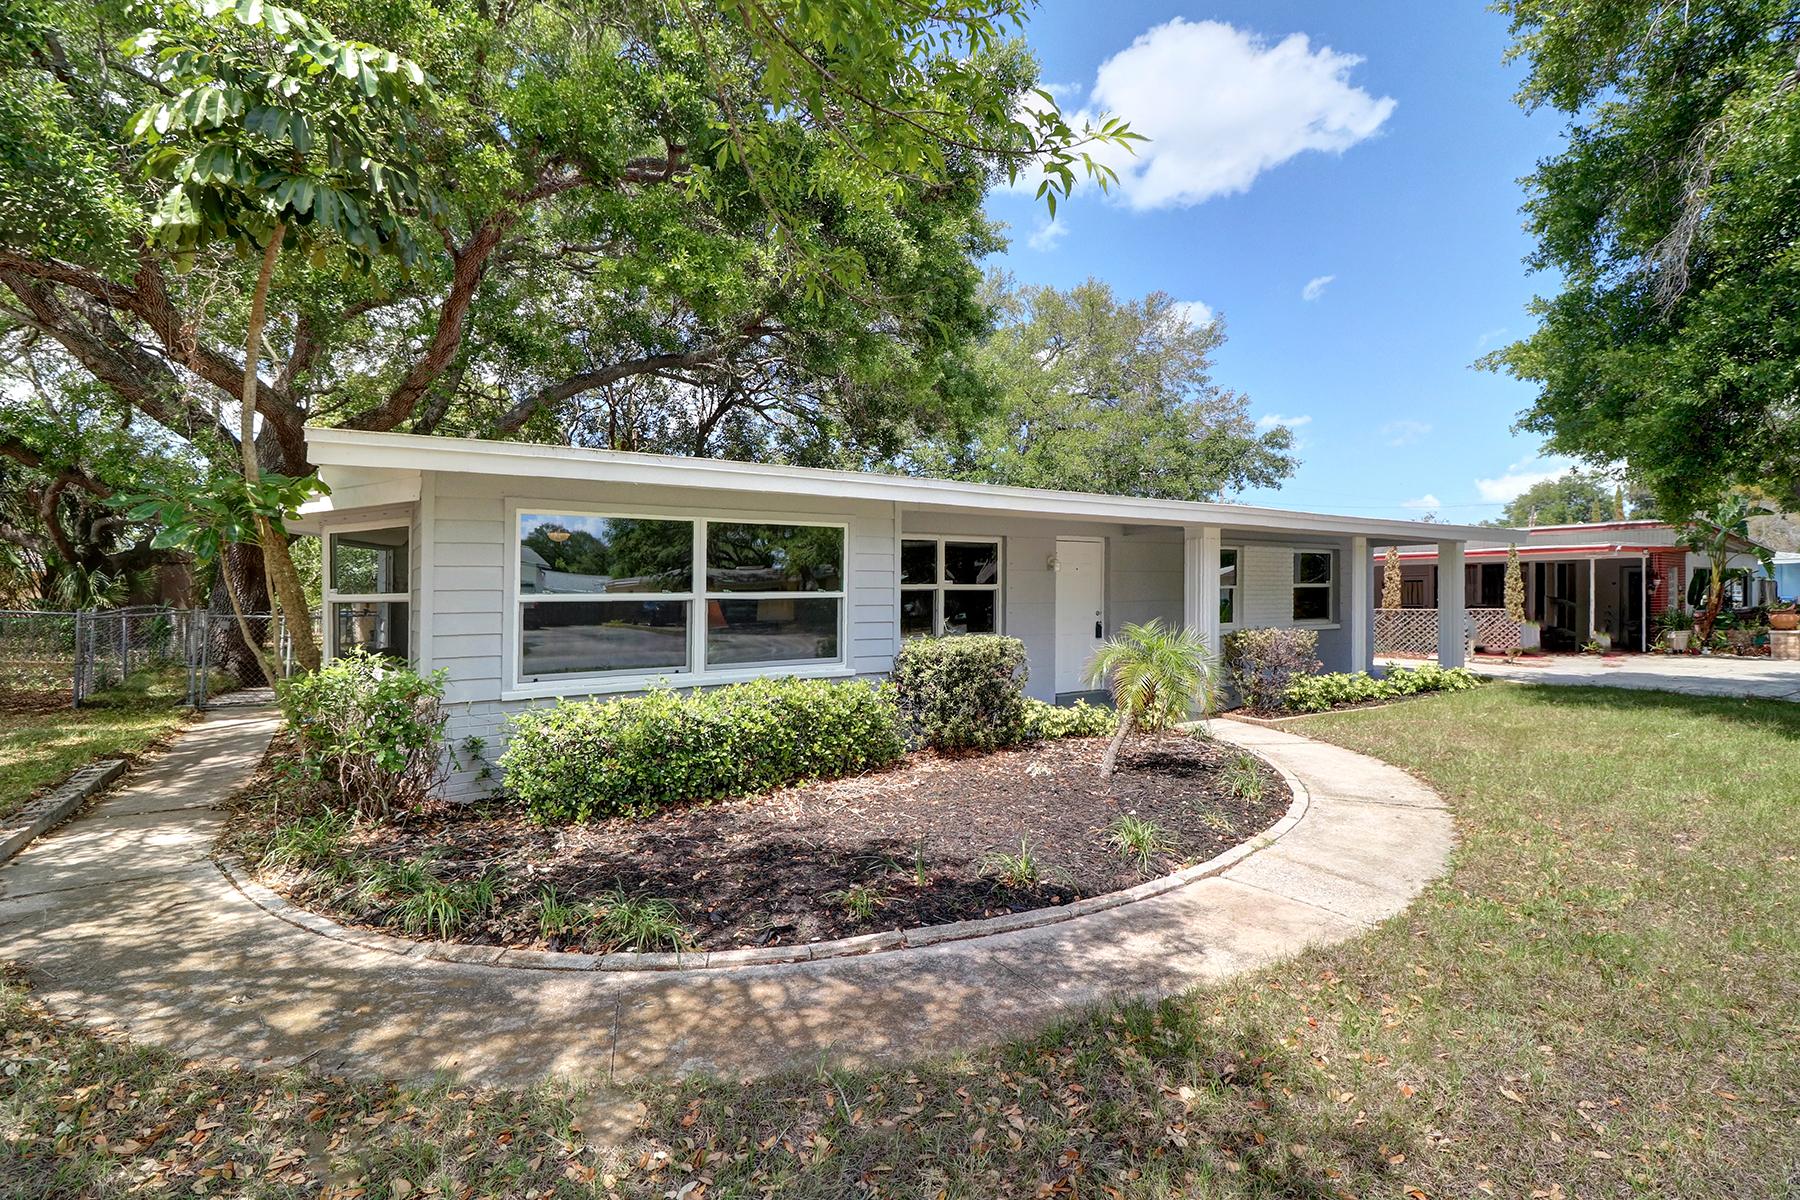 一戸建て のために 売買 アット LARGO 1132 Nolan Dr Largo, フロリダ, 33770 アメリカ合衆国